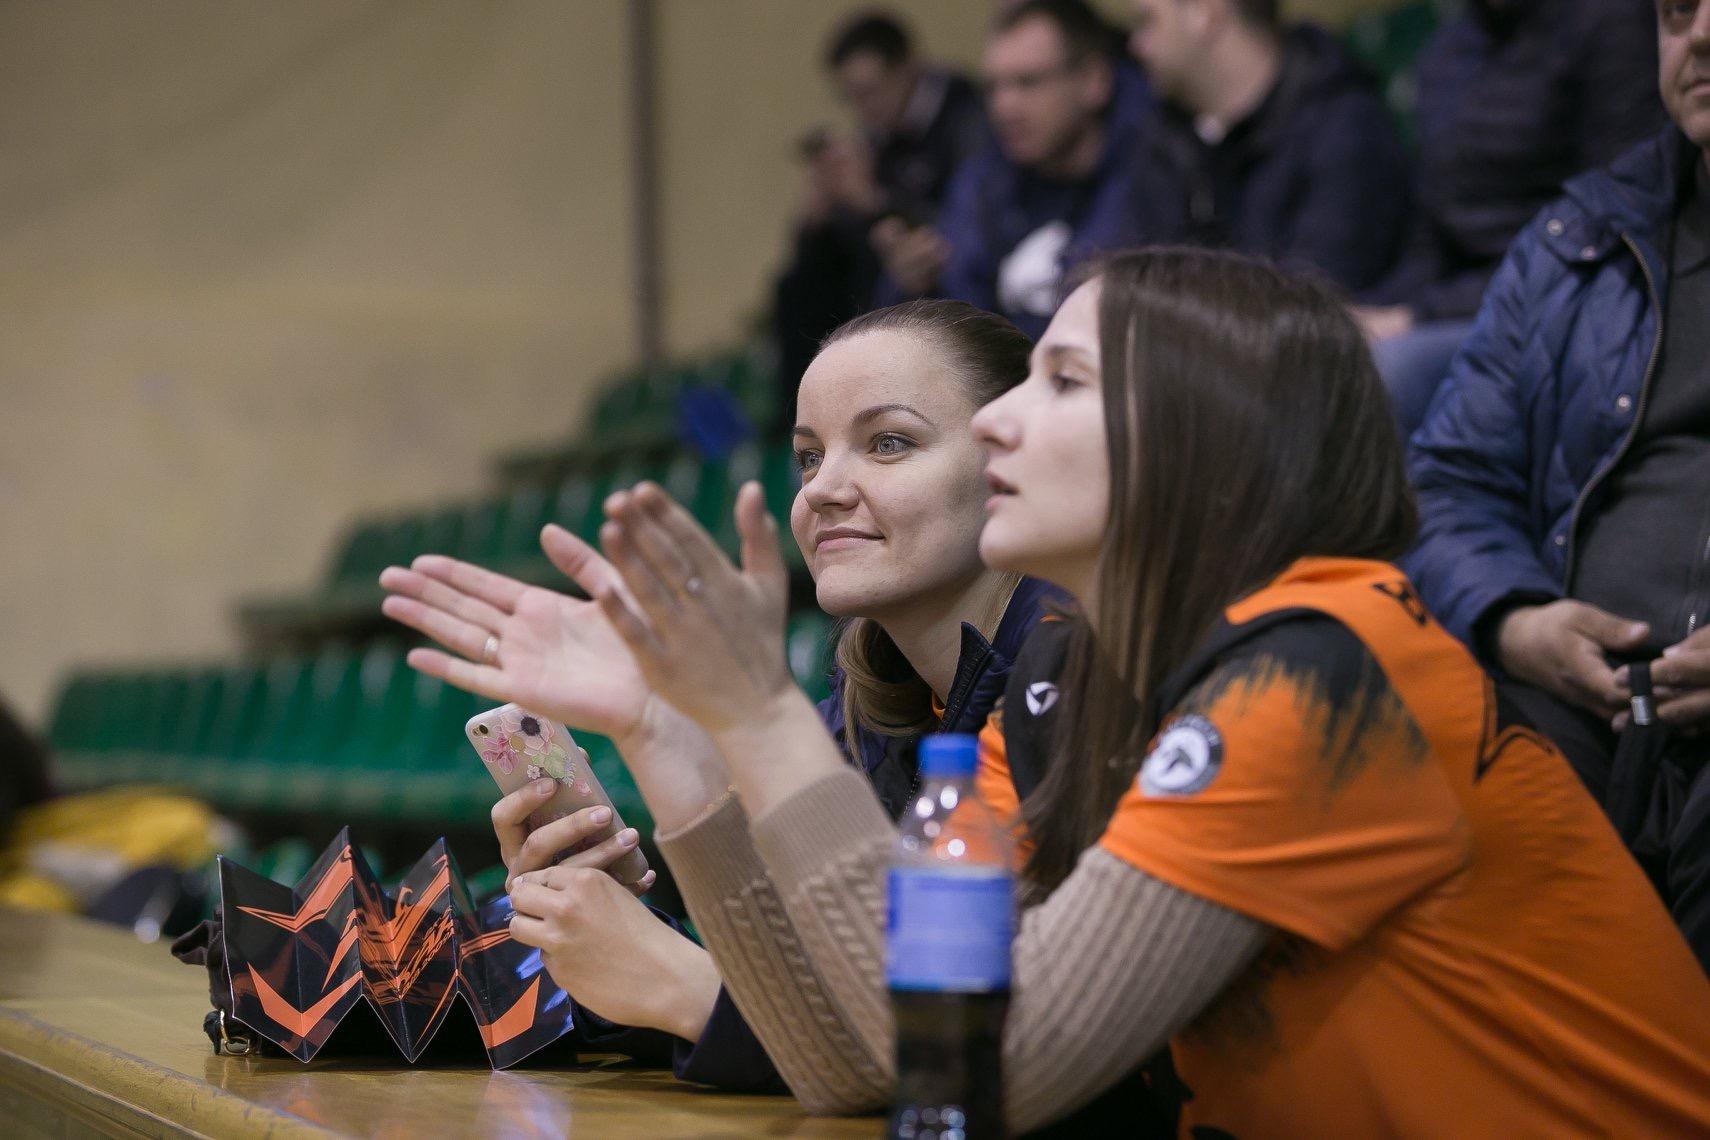 «Барком-Кажани»:»Серце Поділля». Фінал  Чемпіонату. Фотозвіт - 18